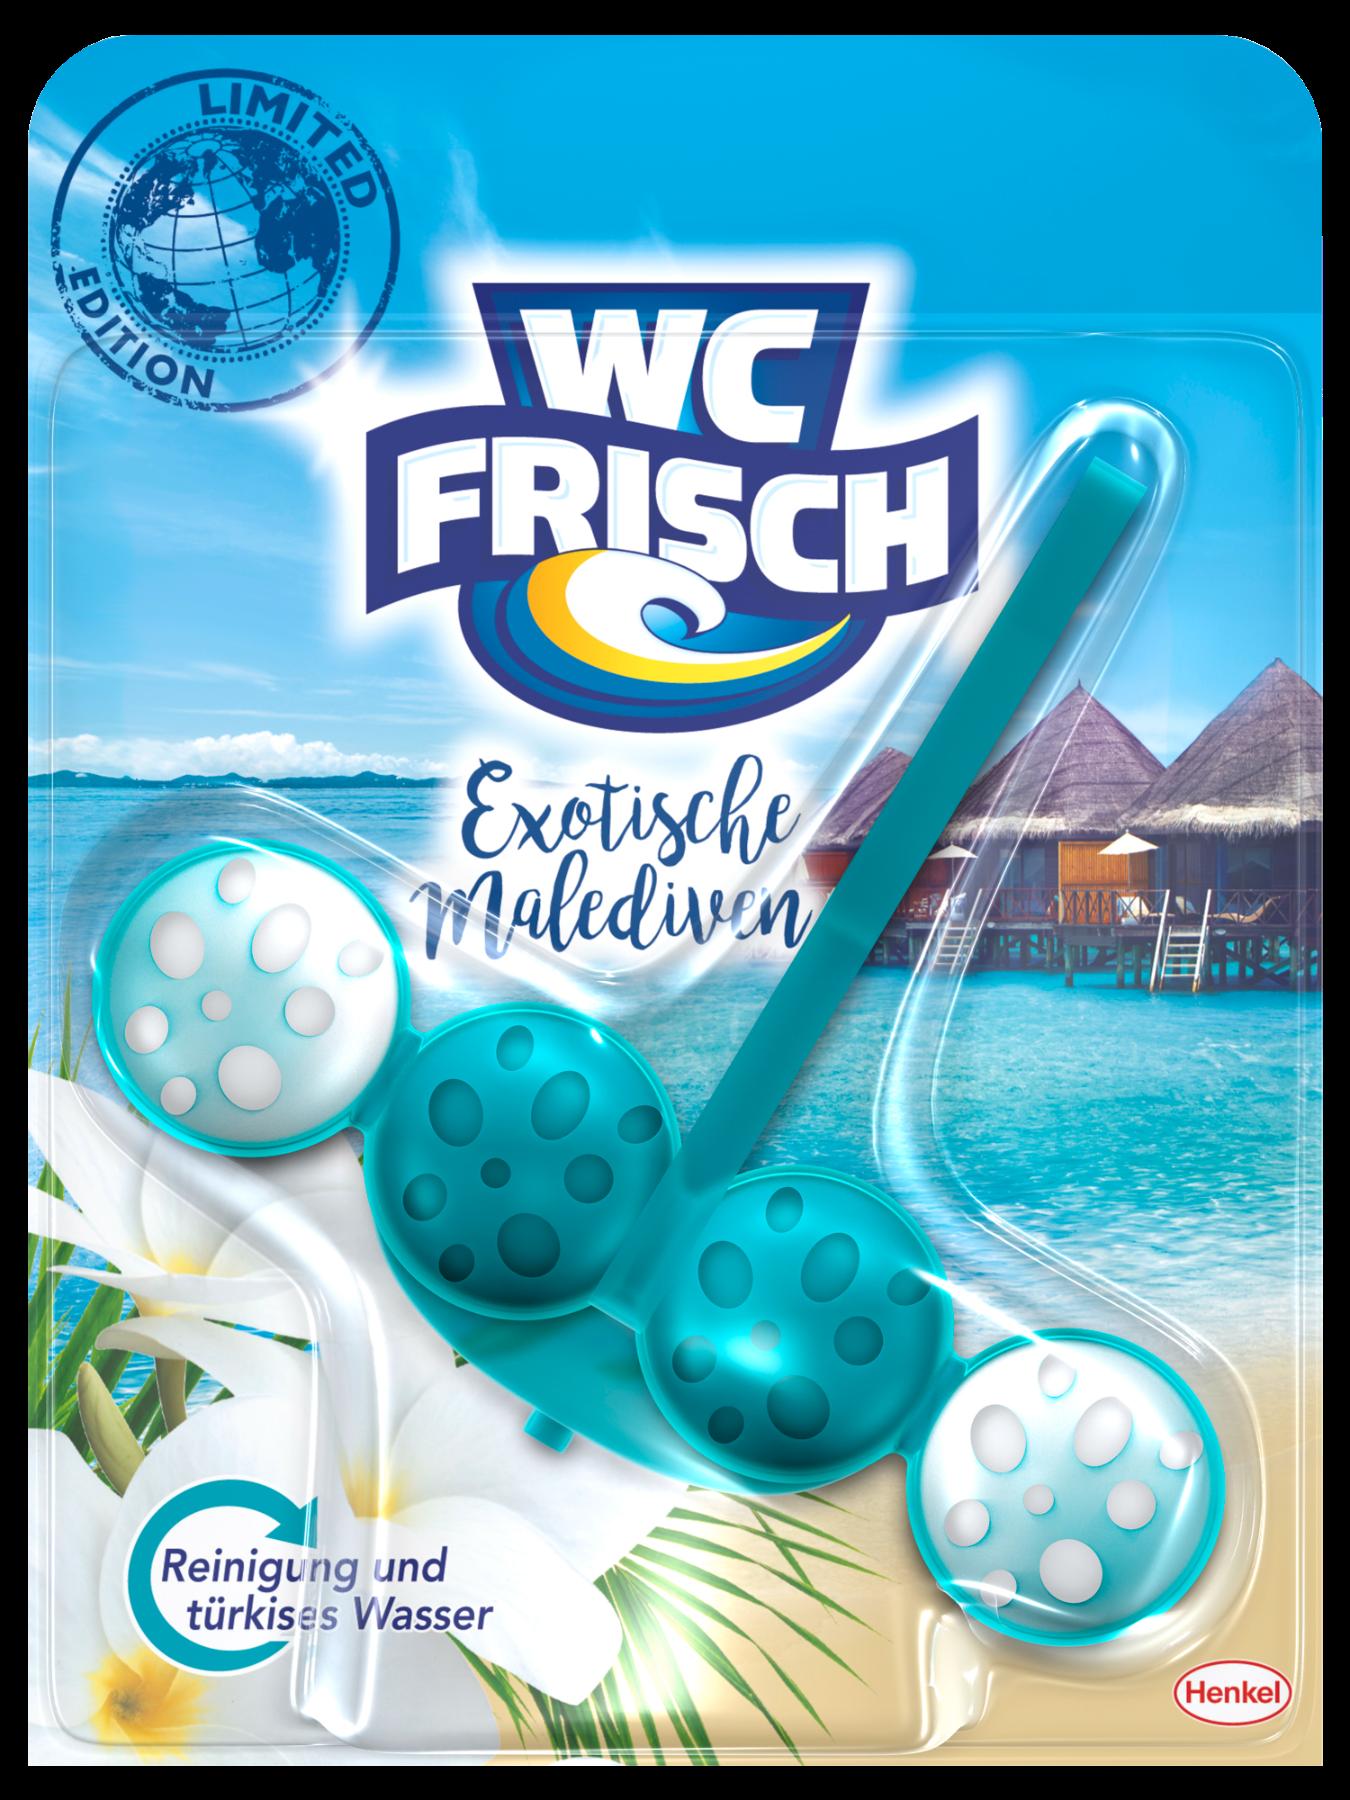 Die neue WC Frisch Limited Edition mit der Version Exotische Malediven